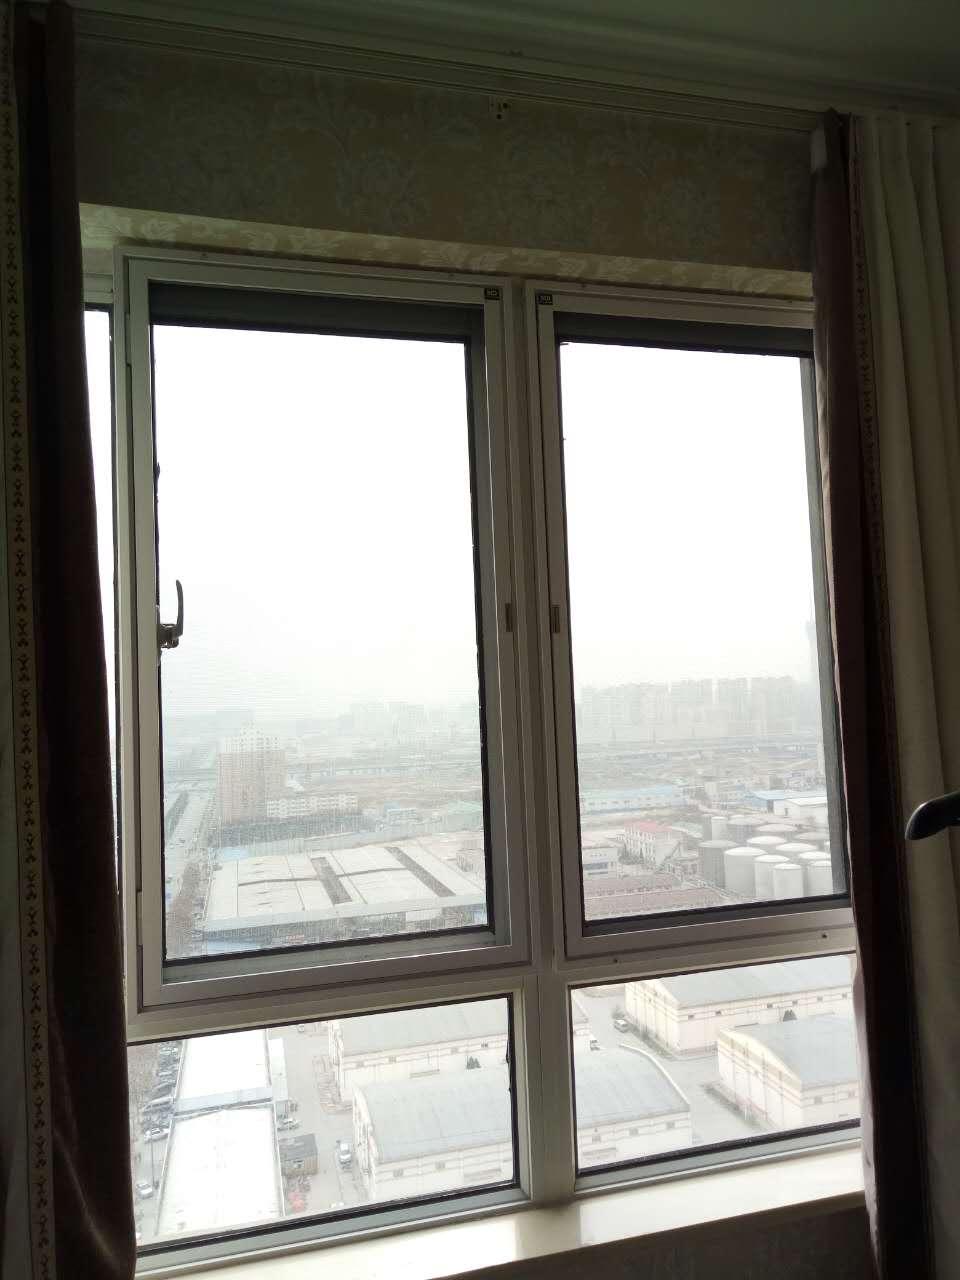 传统纱窗的更替,新一代不锈钢纱窗的普及,再到儿童防护纱窗问世(图1)